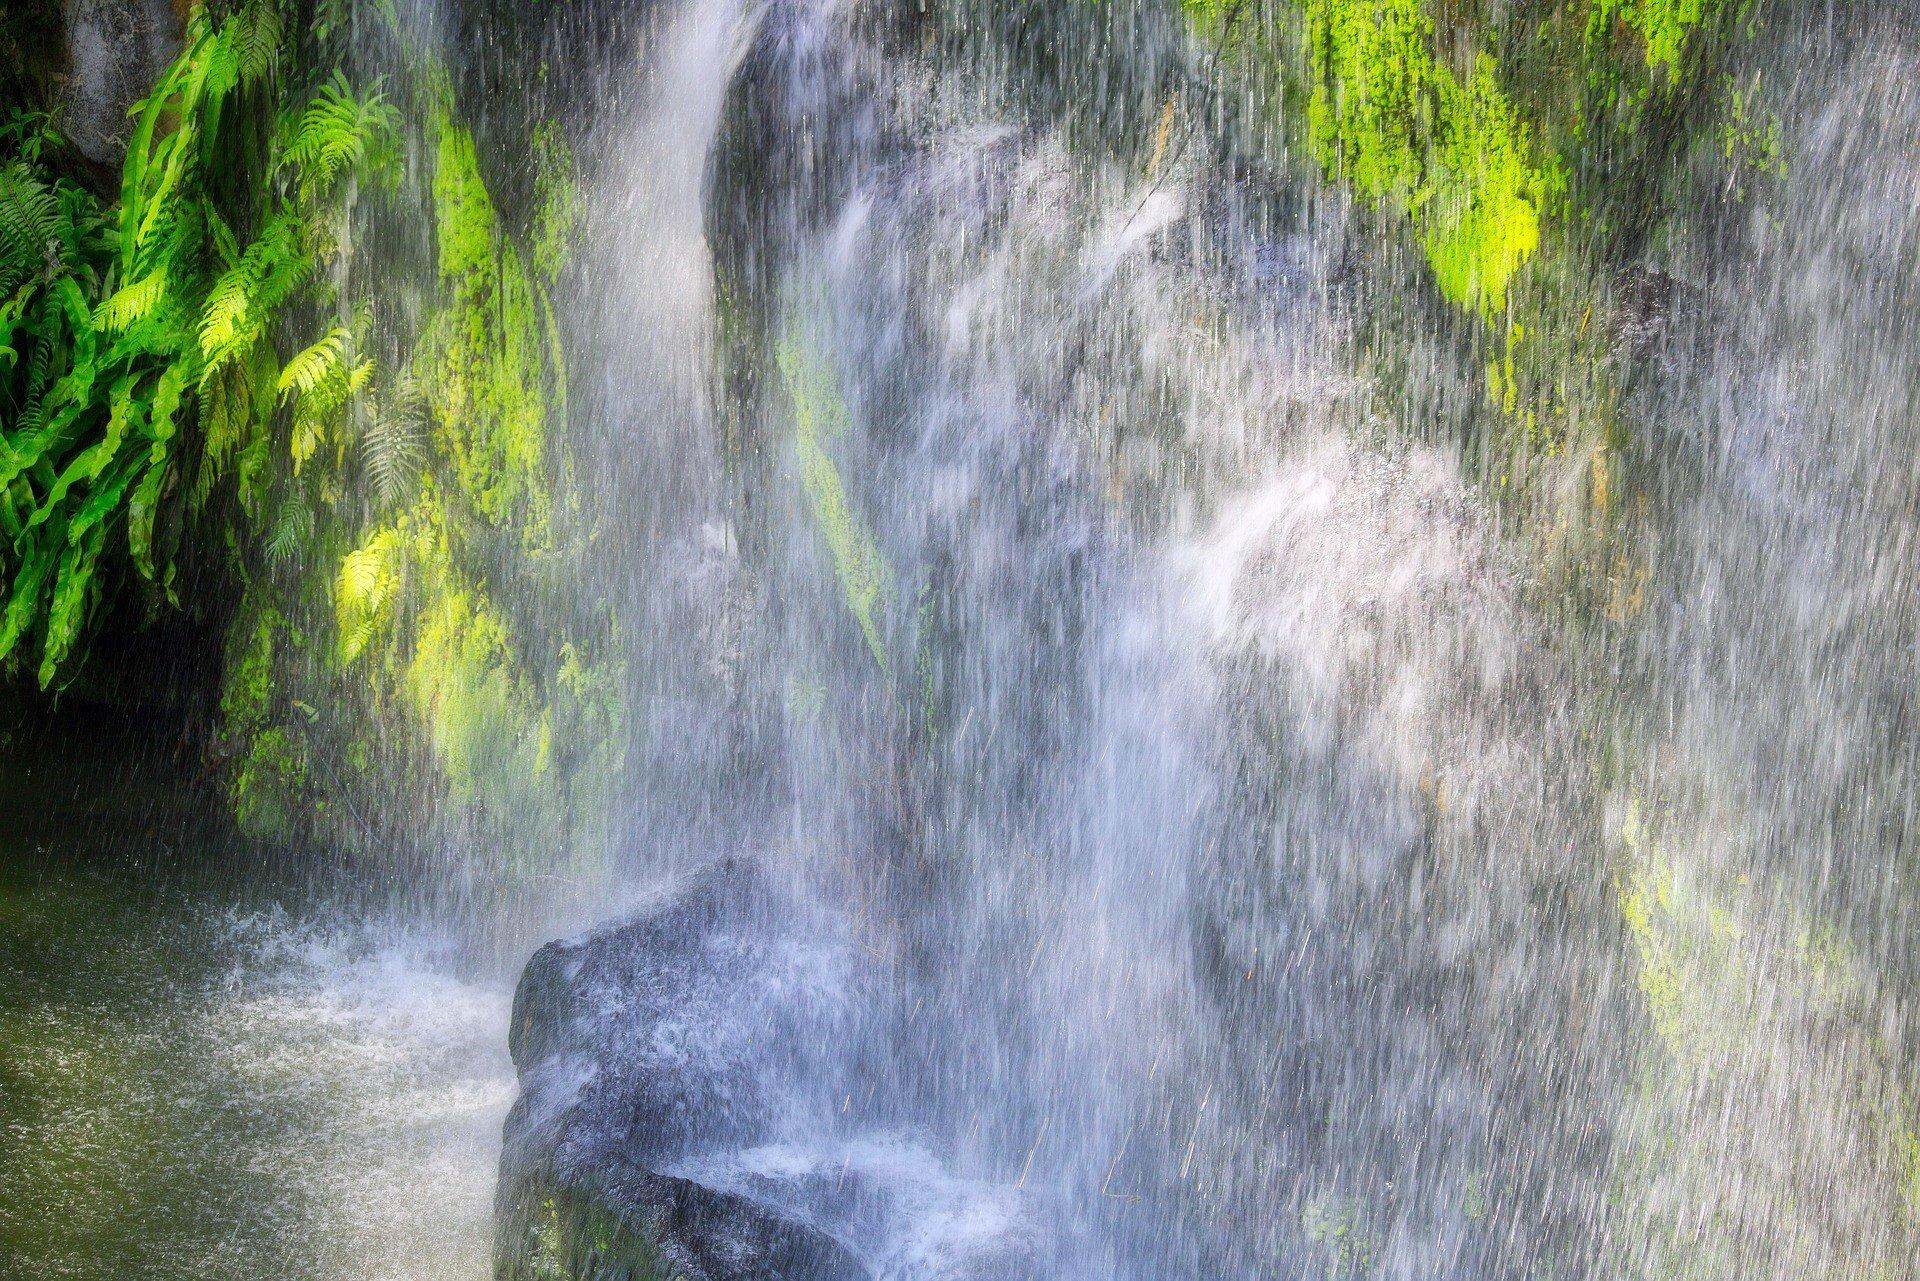 Waterfall in Taman Negara National Park